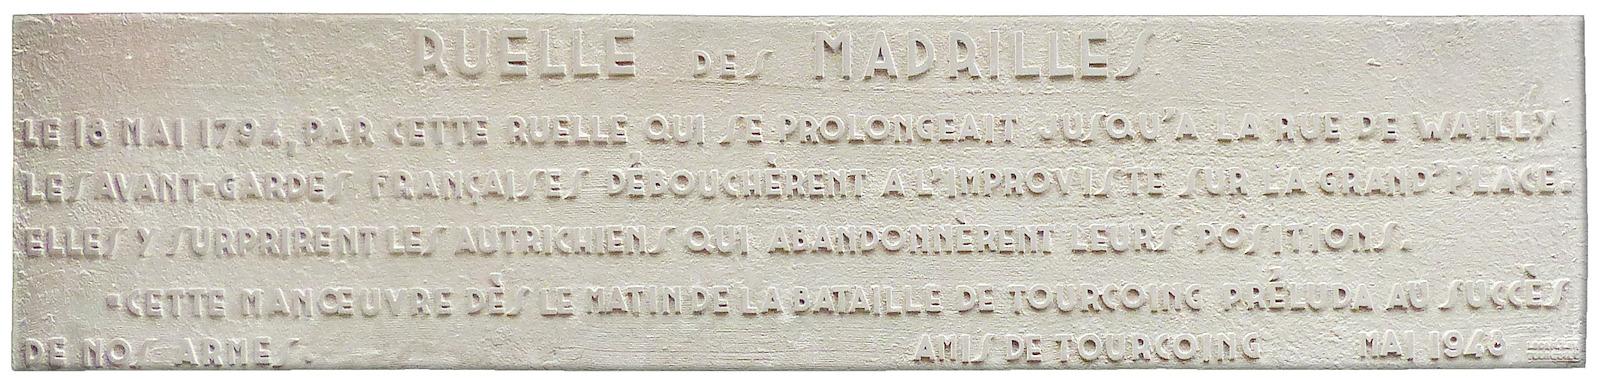 Ruelle des Madrilles, Lecaillon, Tourcoing